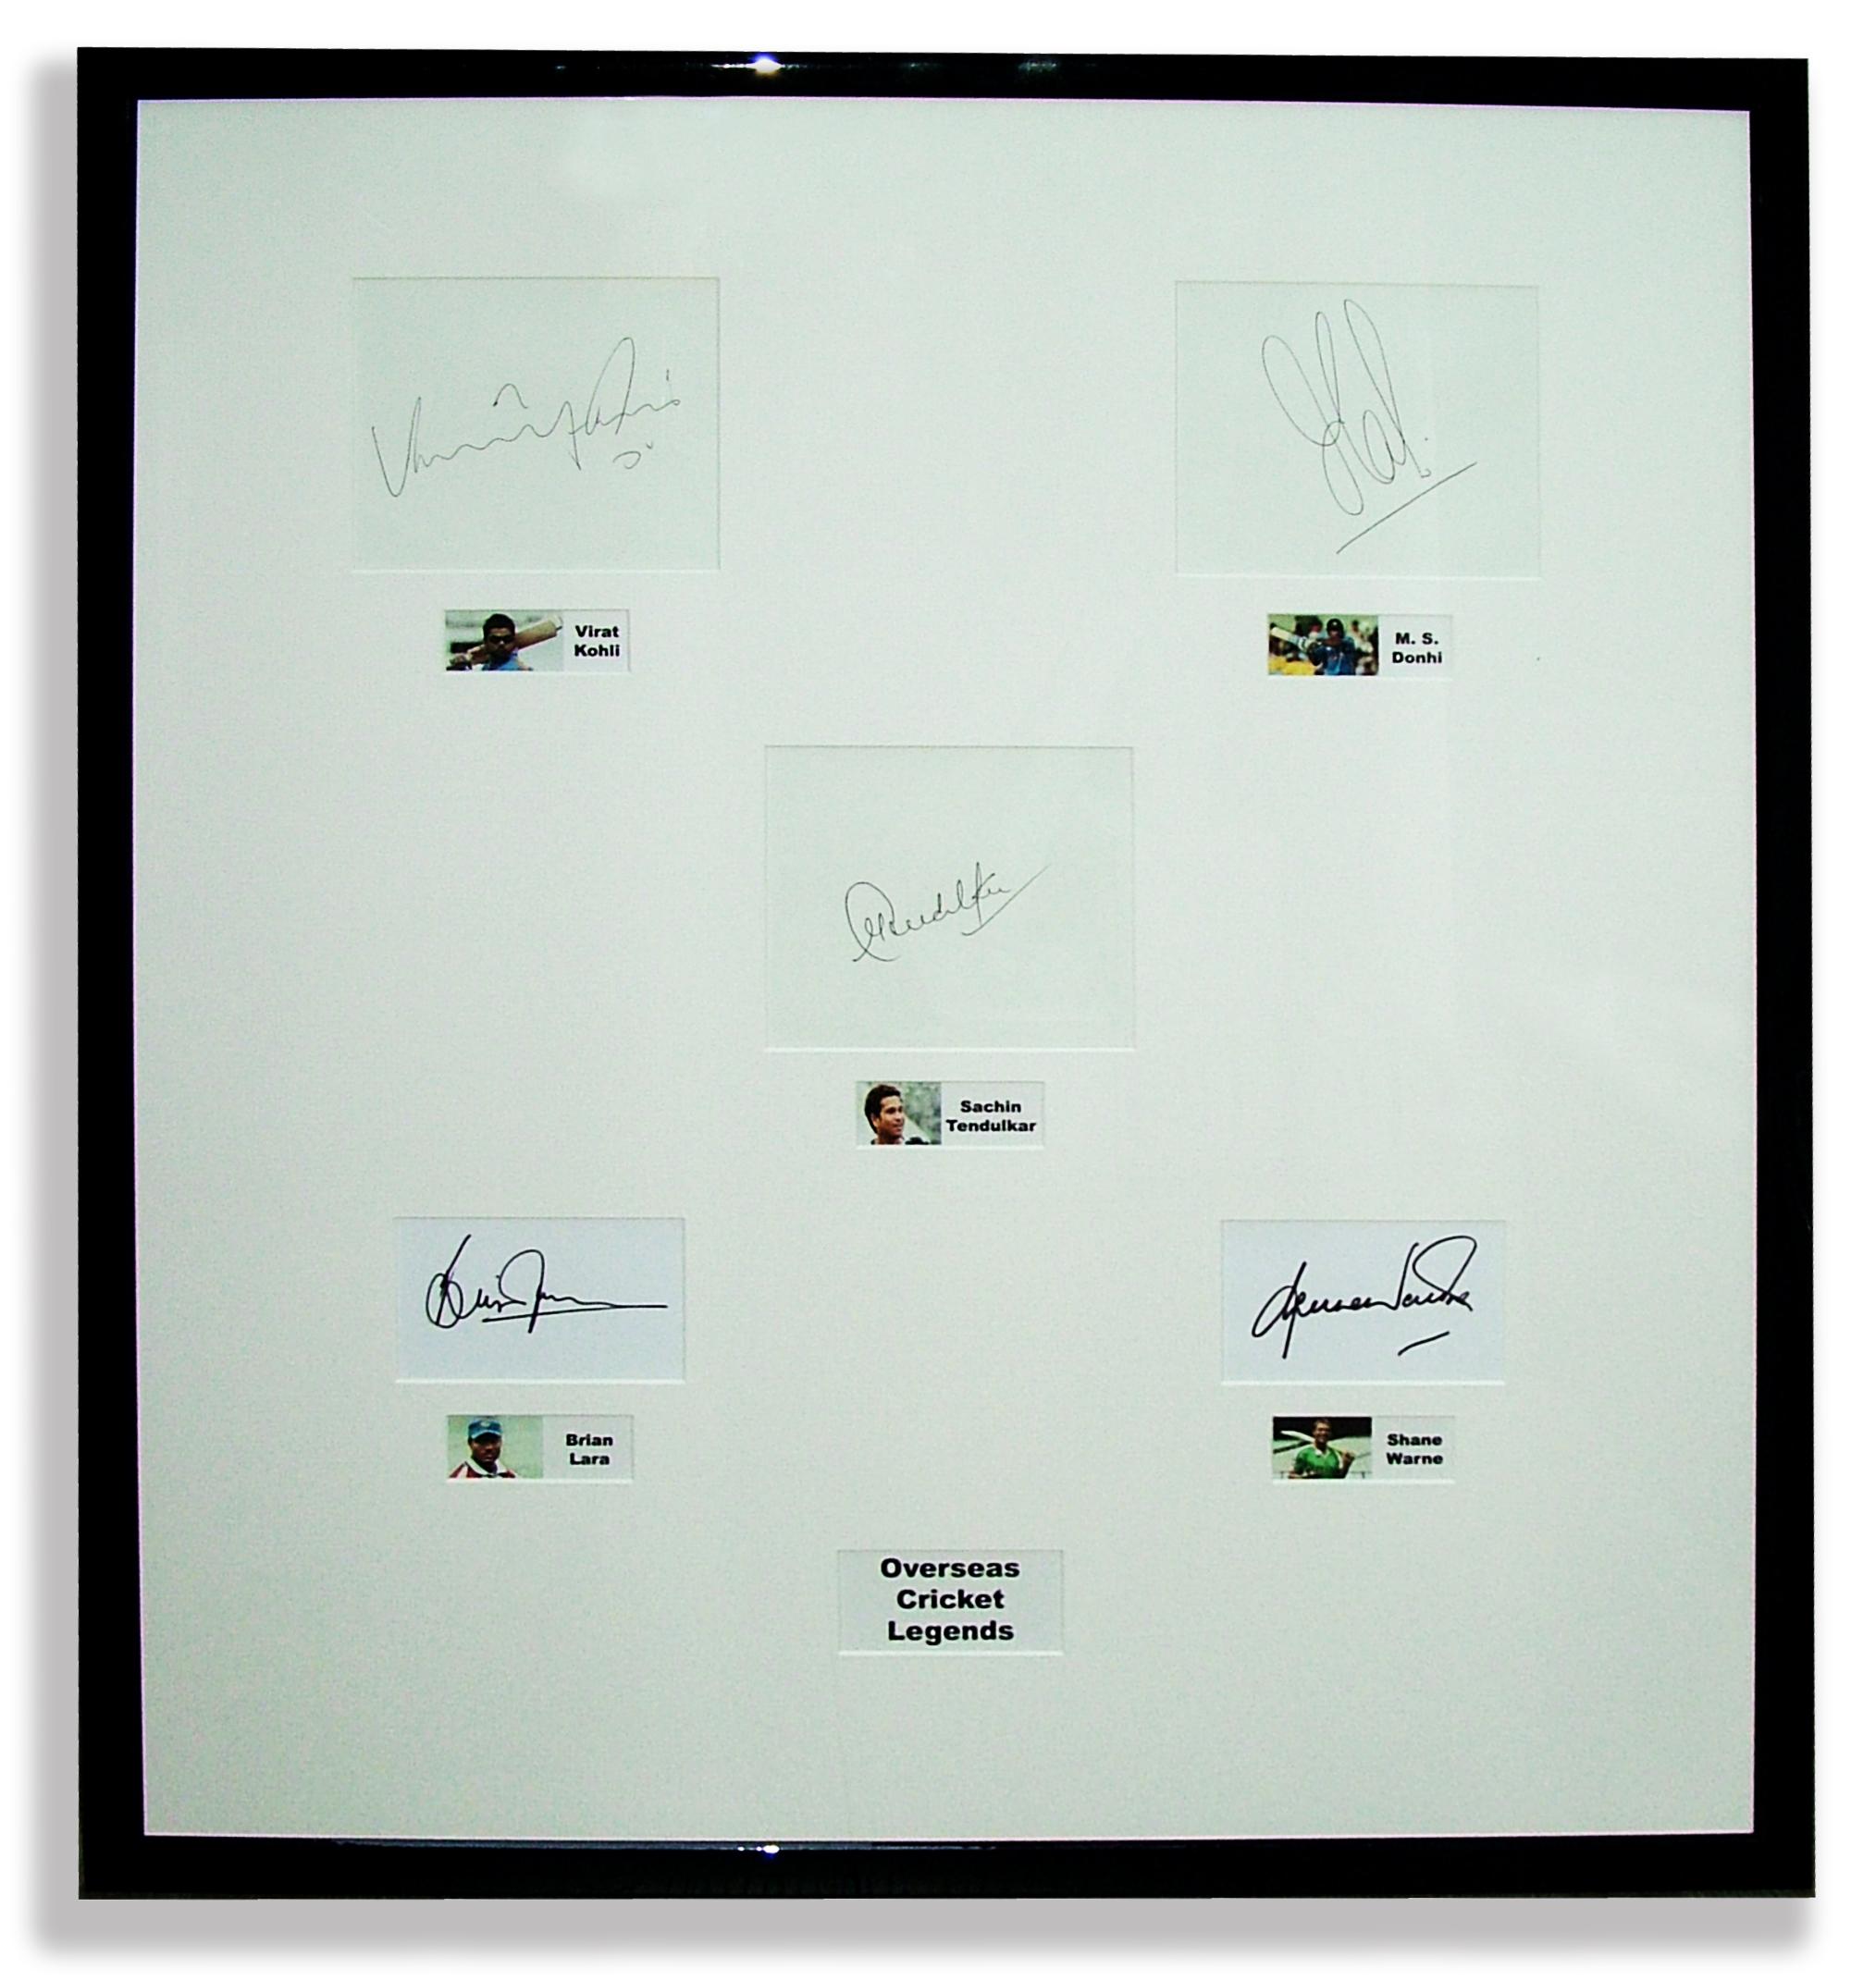 overseas-cricket-legends-autographs-framed